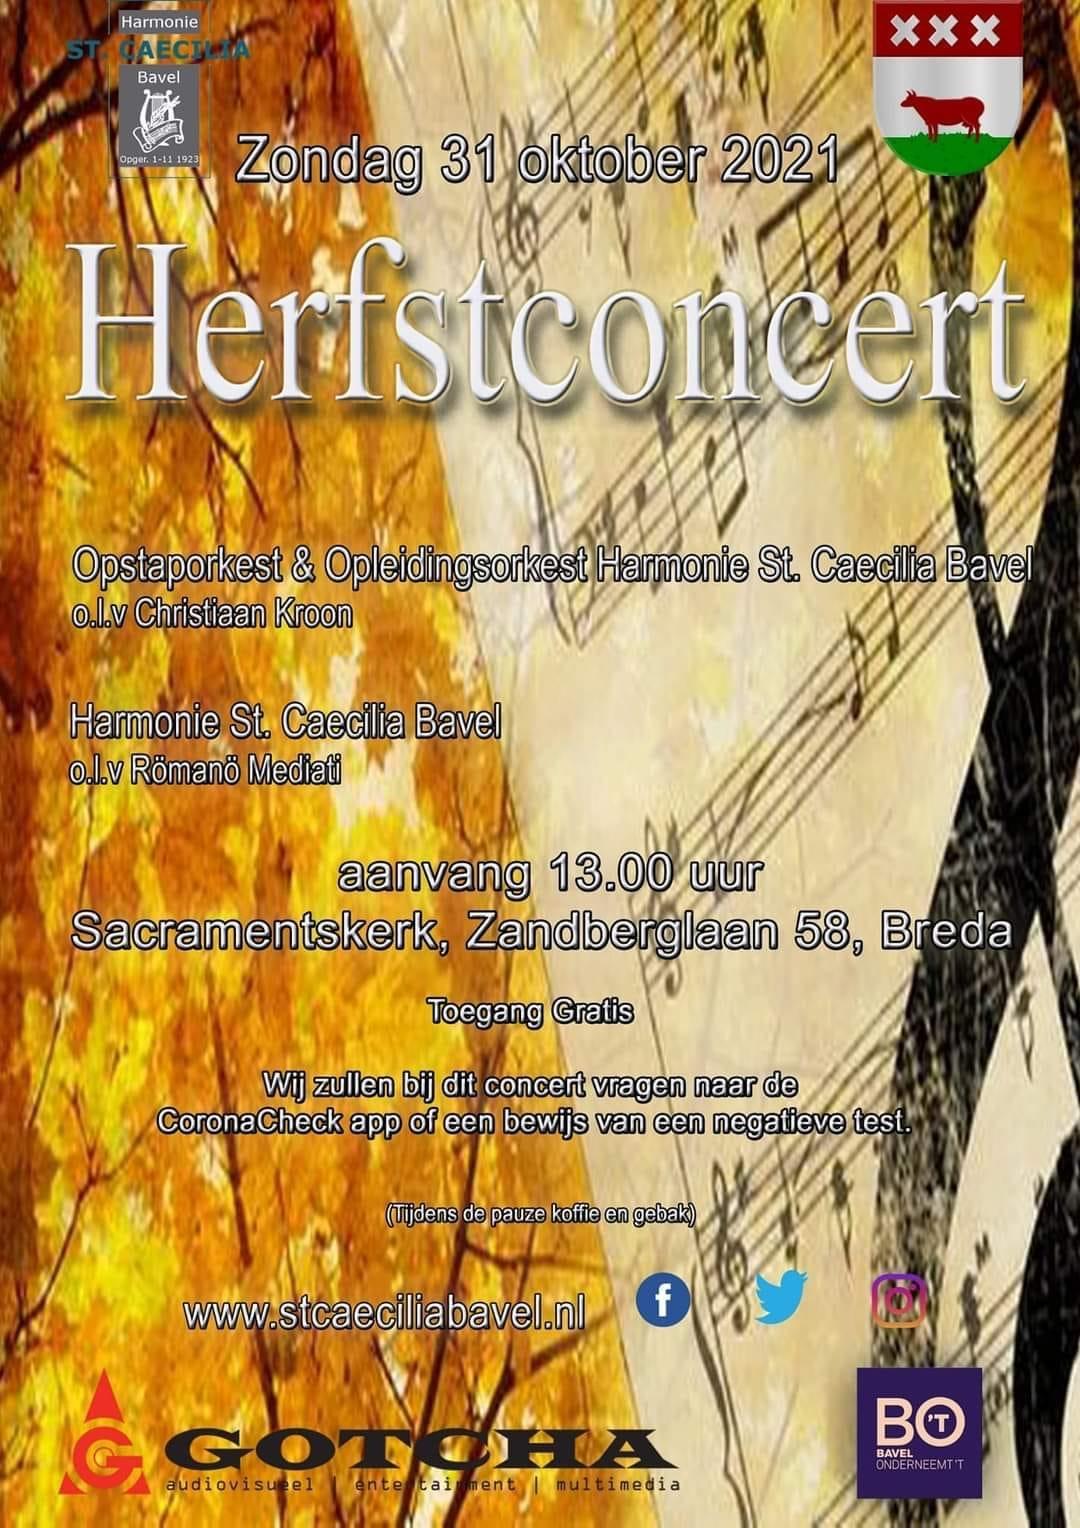 Herfstconcert @ Sacramentskerk aan de Zandberglaan in Breda